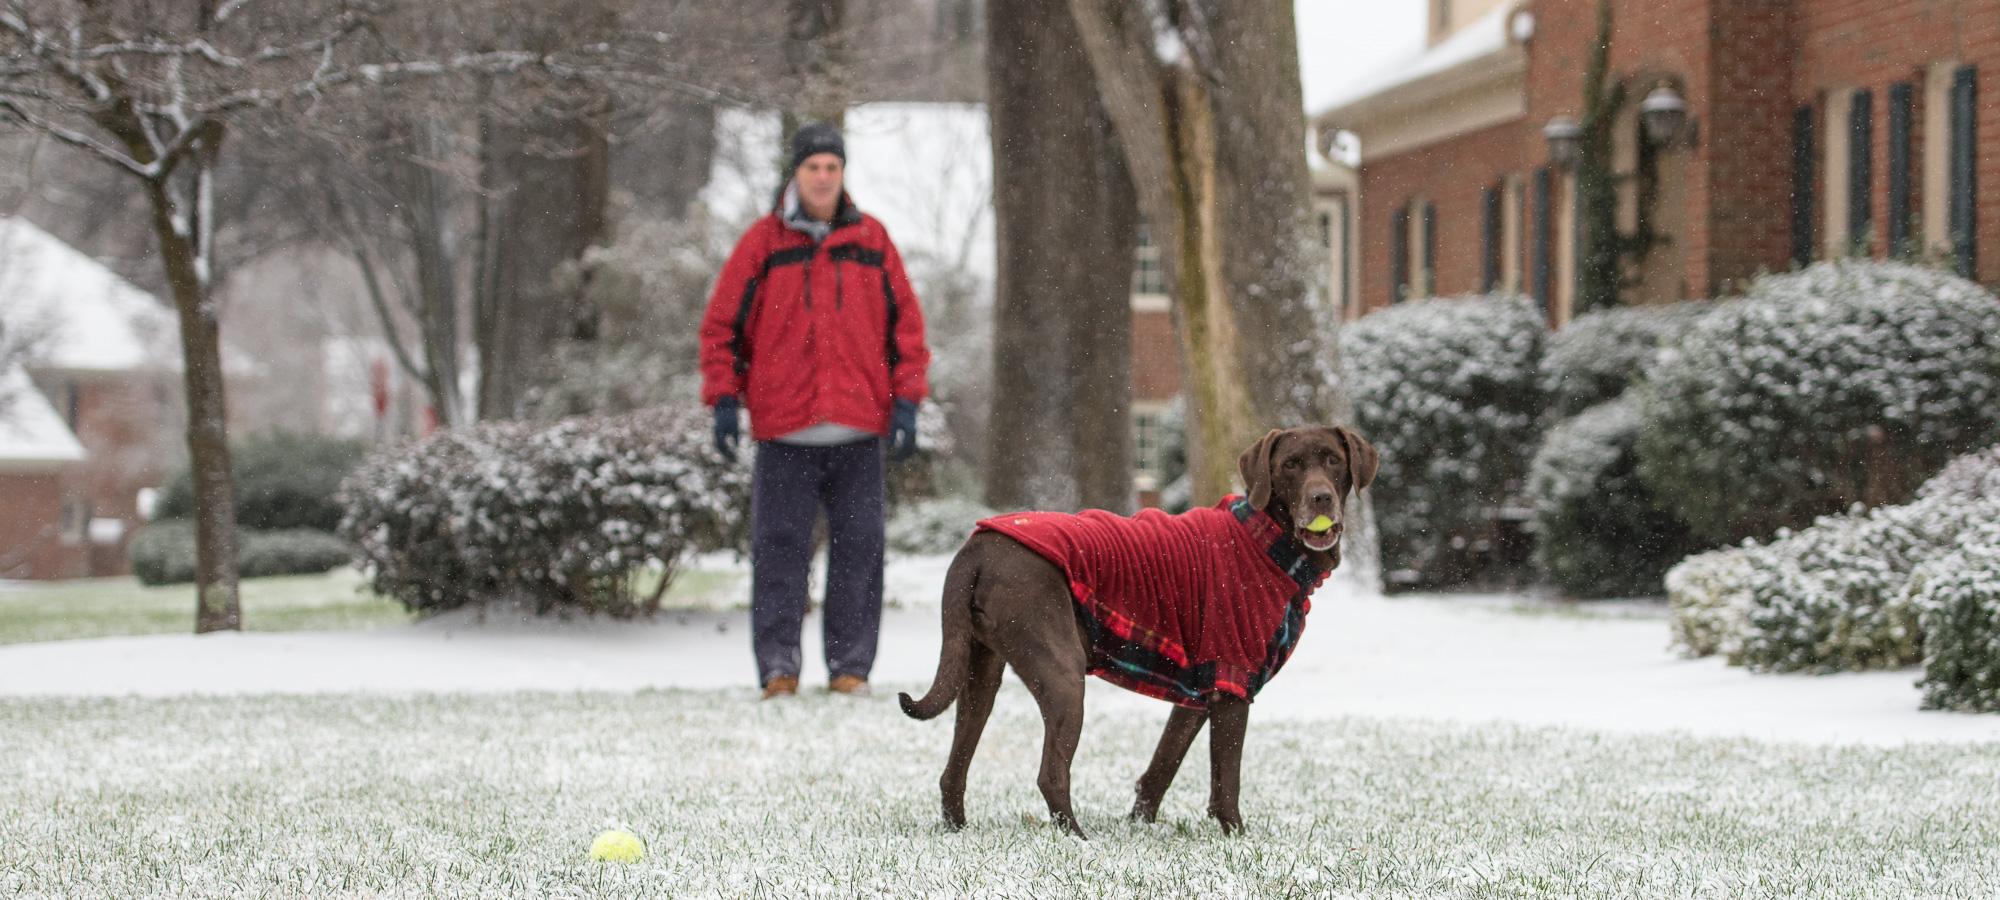 Ugly sweater or cute dog coat.JPG